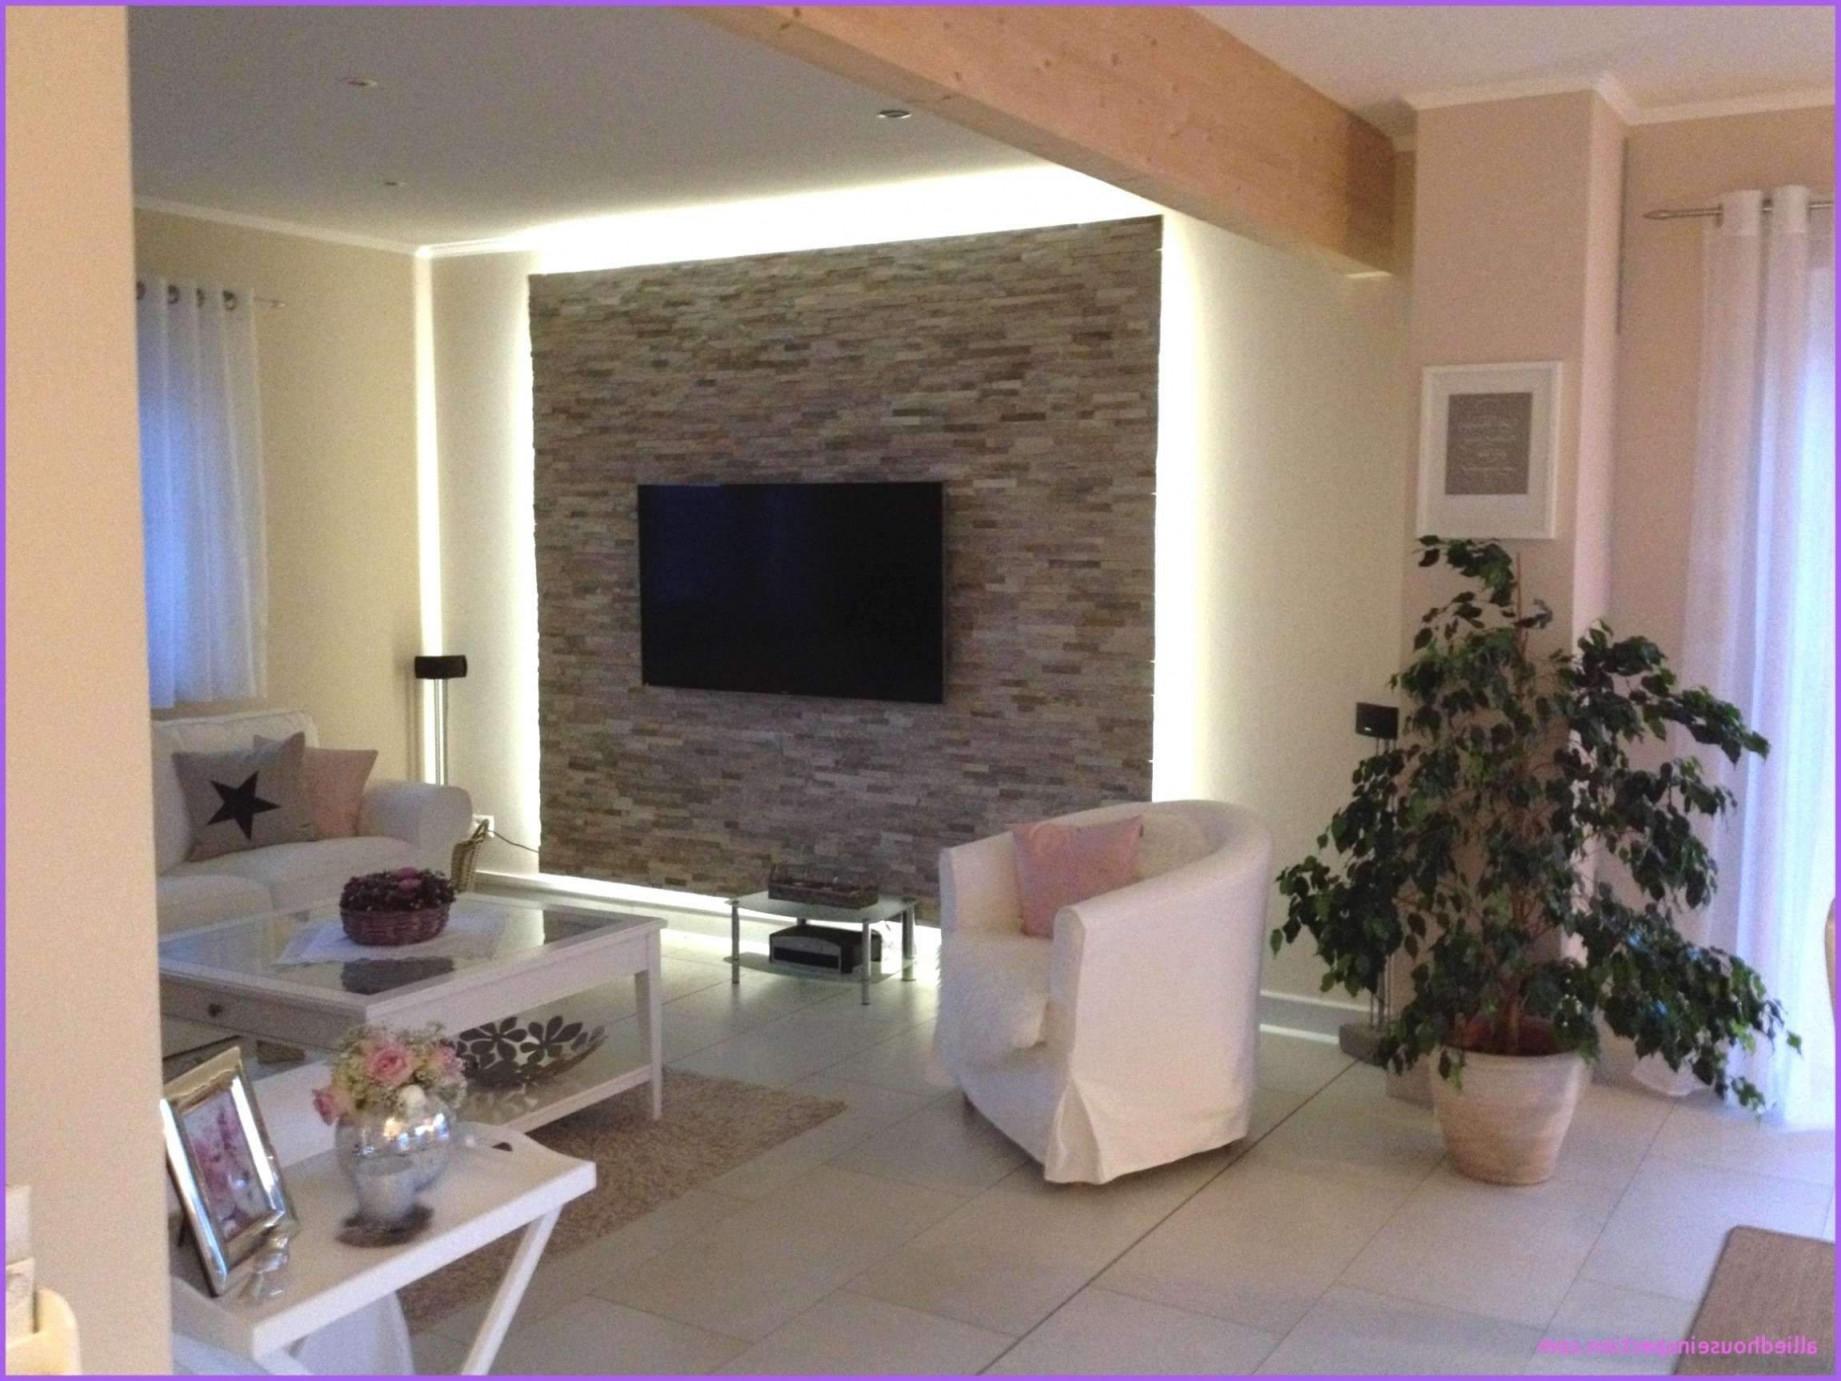 32 Das Beste Von Wohnzimmer Tapeten Ideen Reizend von Tapezier Ideen Wohnzimmer Bild